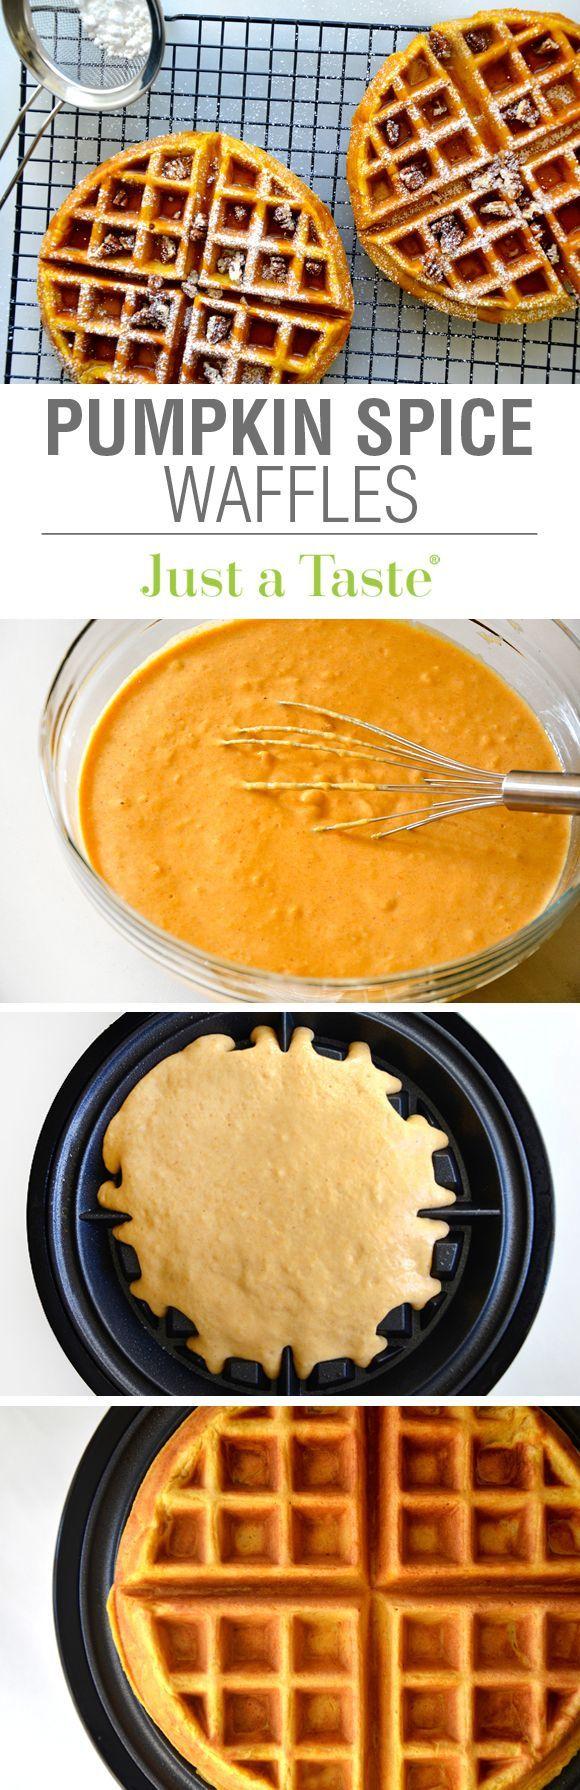 Pumpkin Spice Waffles Recipe viaAdd a seasonal spin to a breakfast favorite!